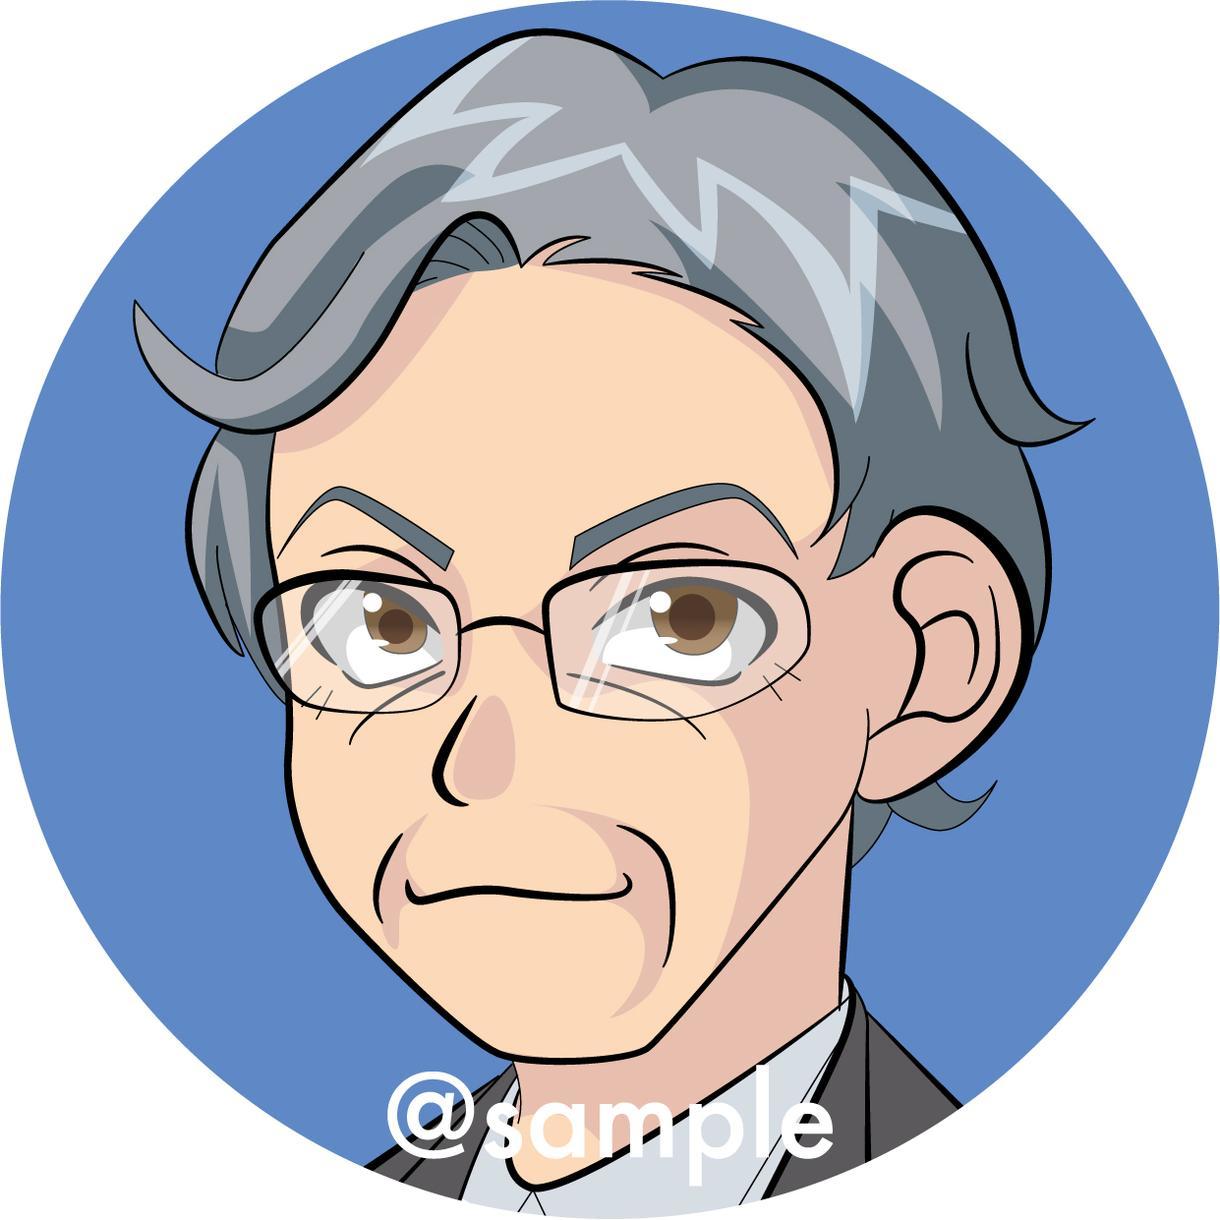 オリジナルアイコンのイラストをお描きします SNSや名刺のプロフィール画像などにご利用いただけます